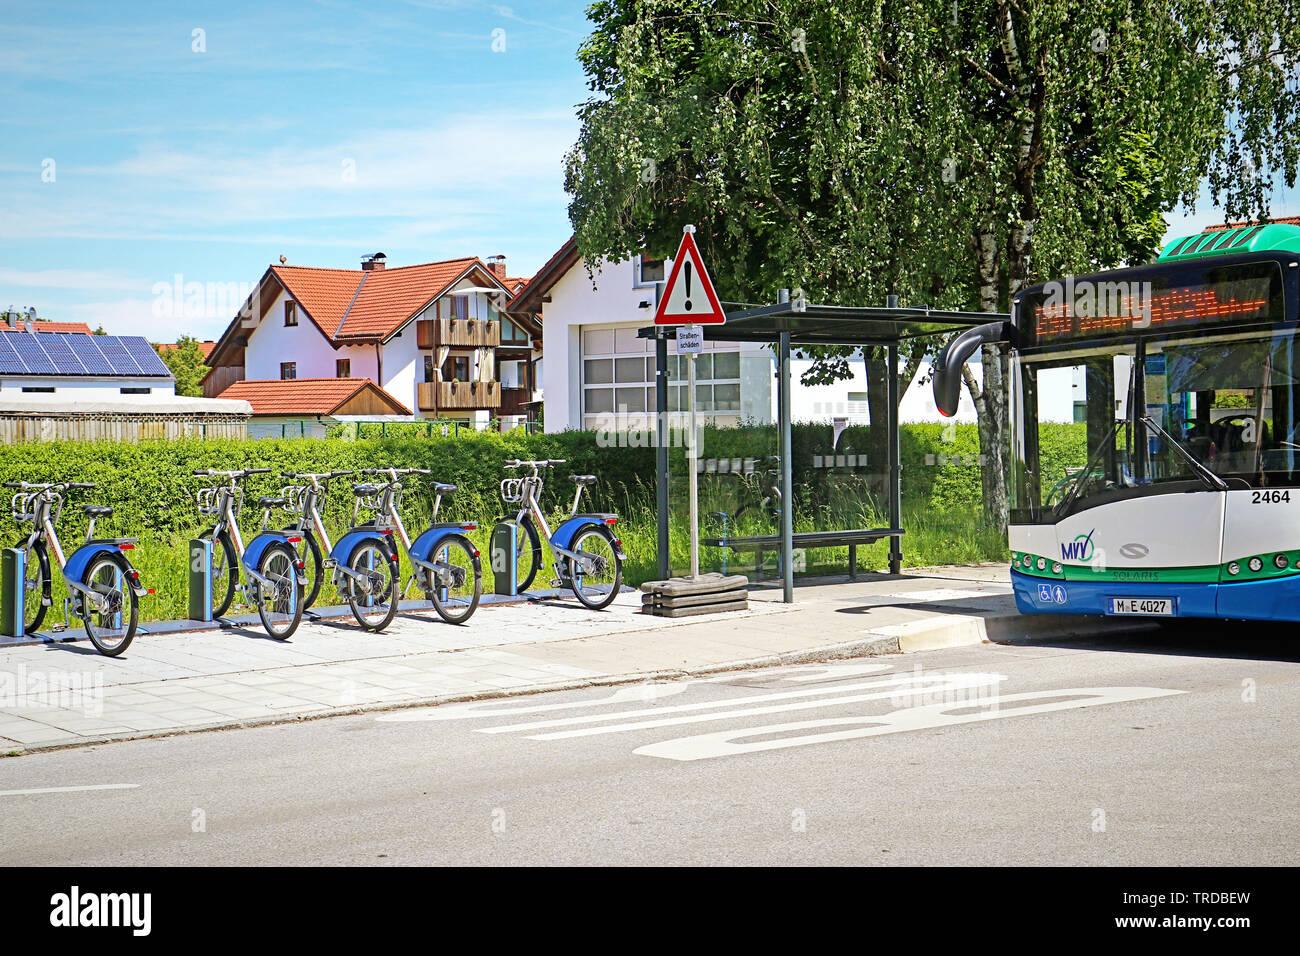 GARCHING, ALLEMAGNE - Vélos électriques prêts à louer idéalement alignés sur le trottoir près de l'arrêt de bus. Banque D'Images